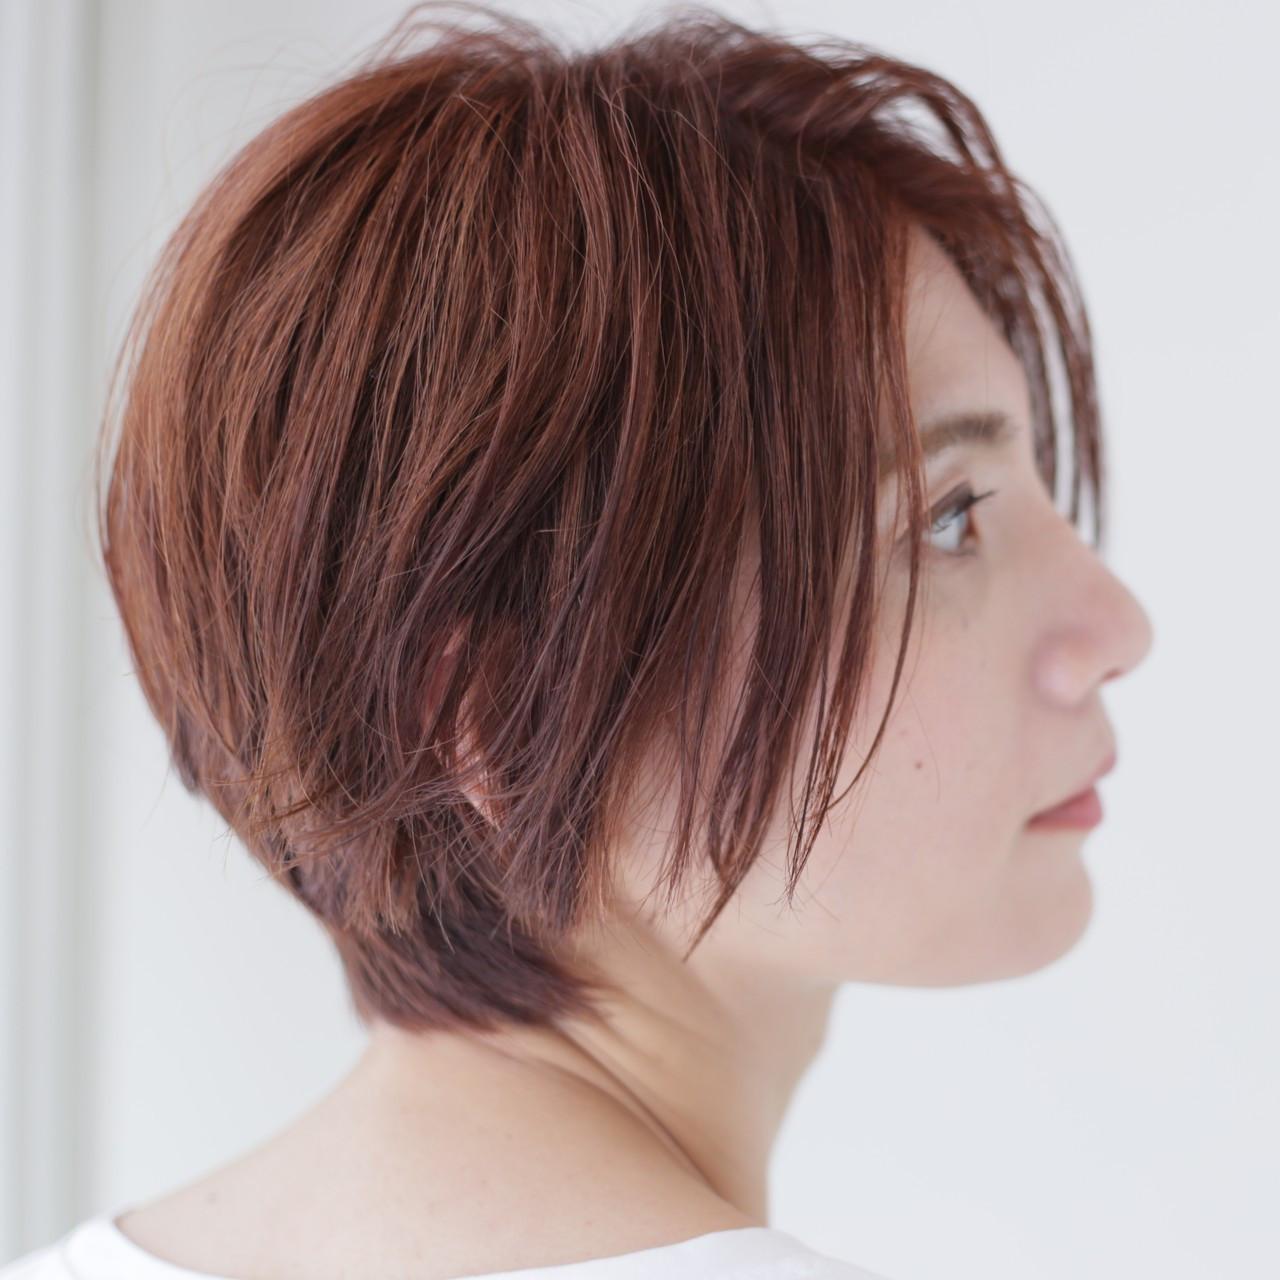 縮毛矯正とストレートパーマの違いは何?憧れのサラツヤヘアをゲット!